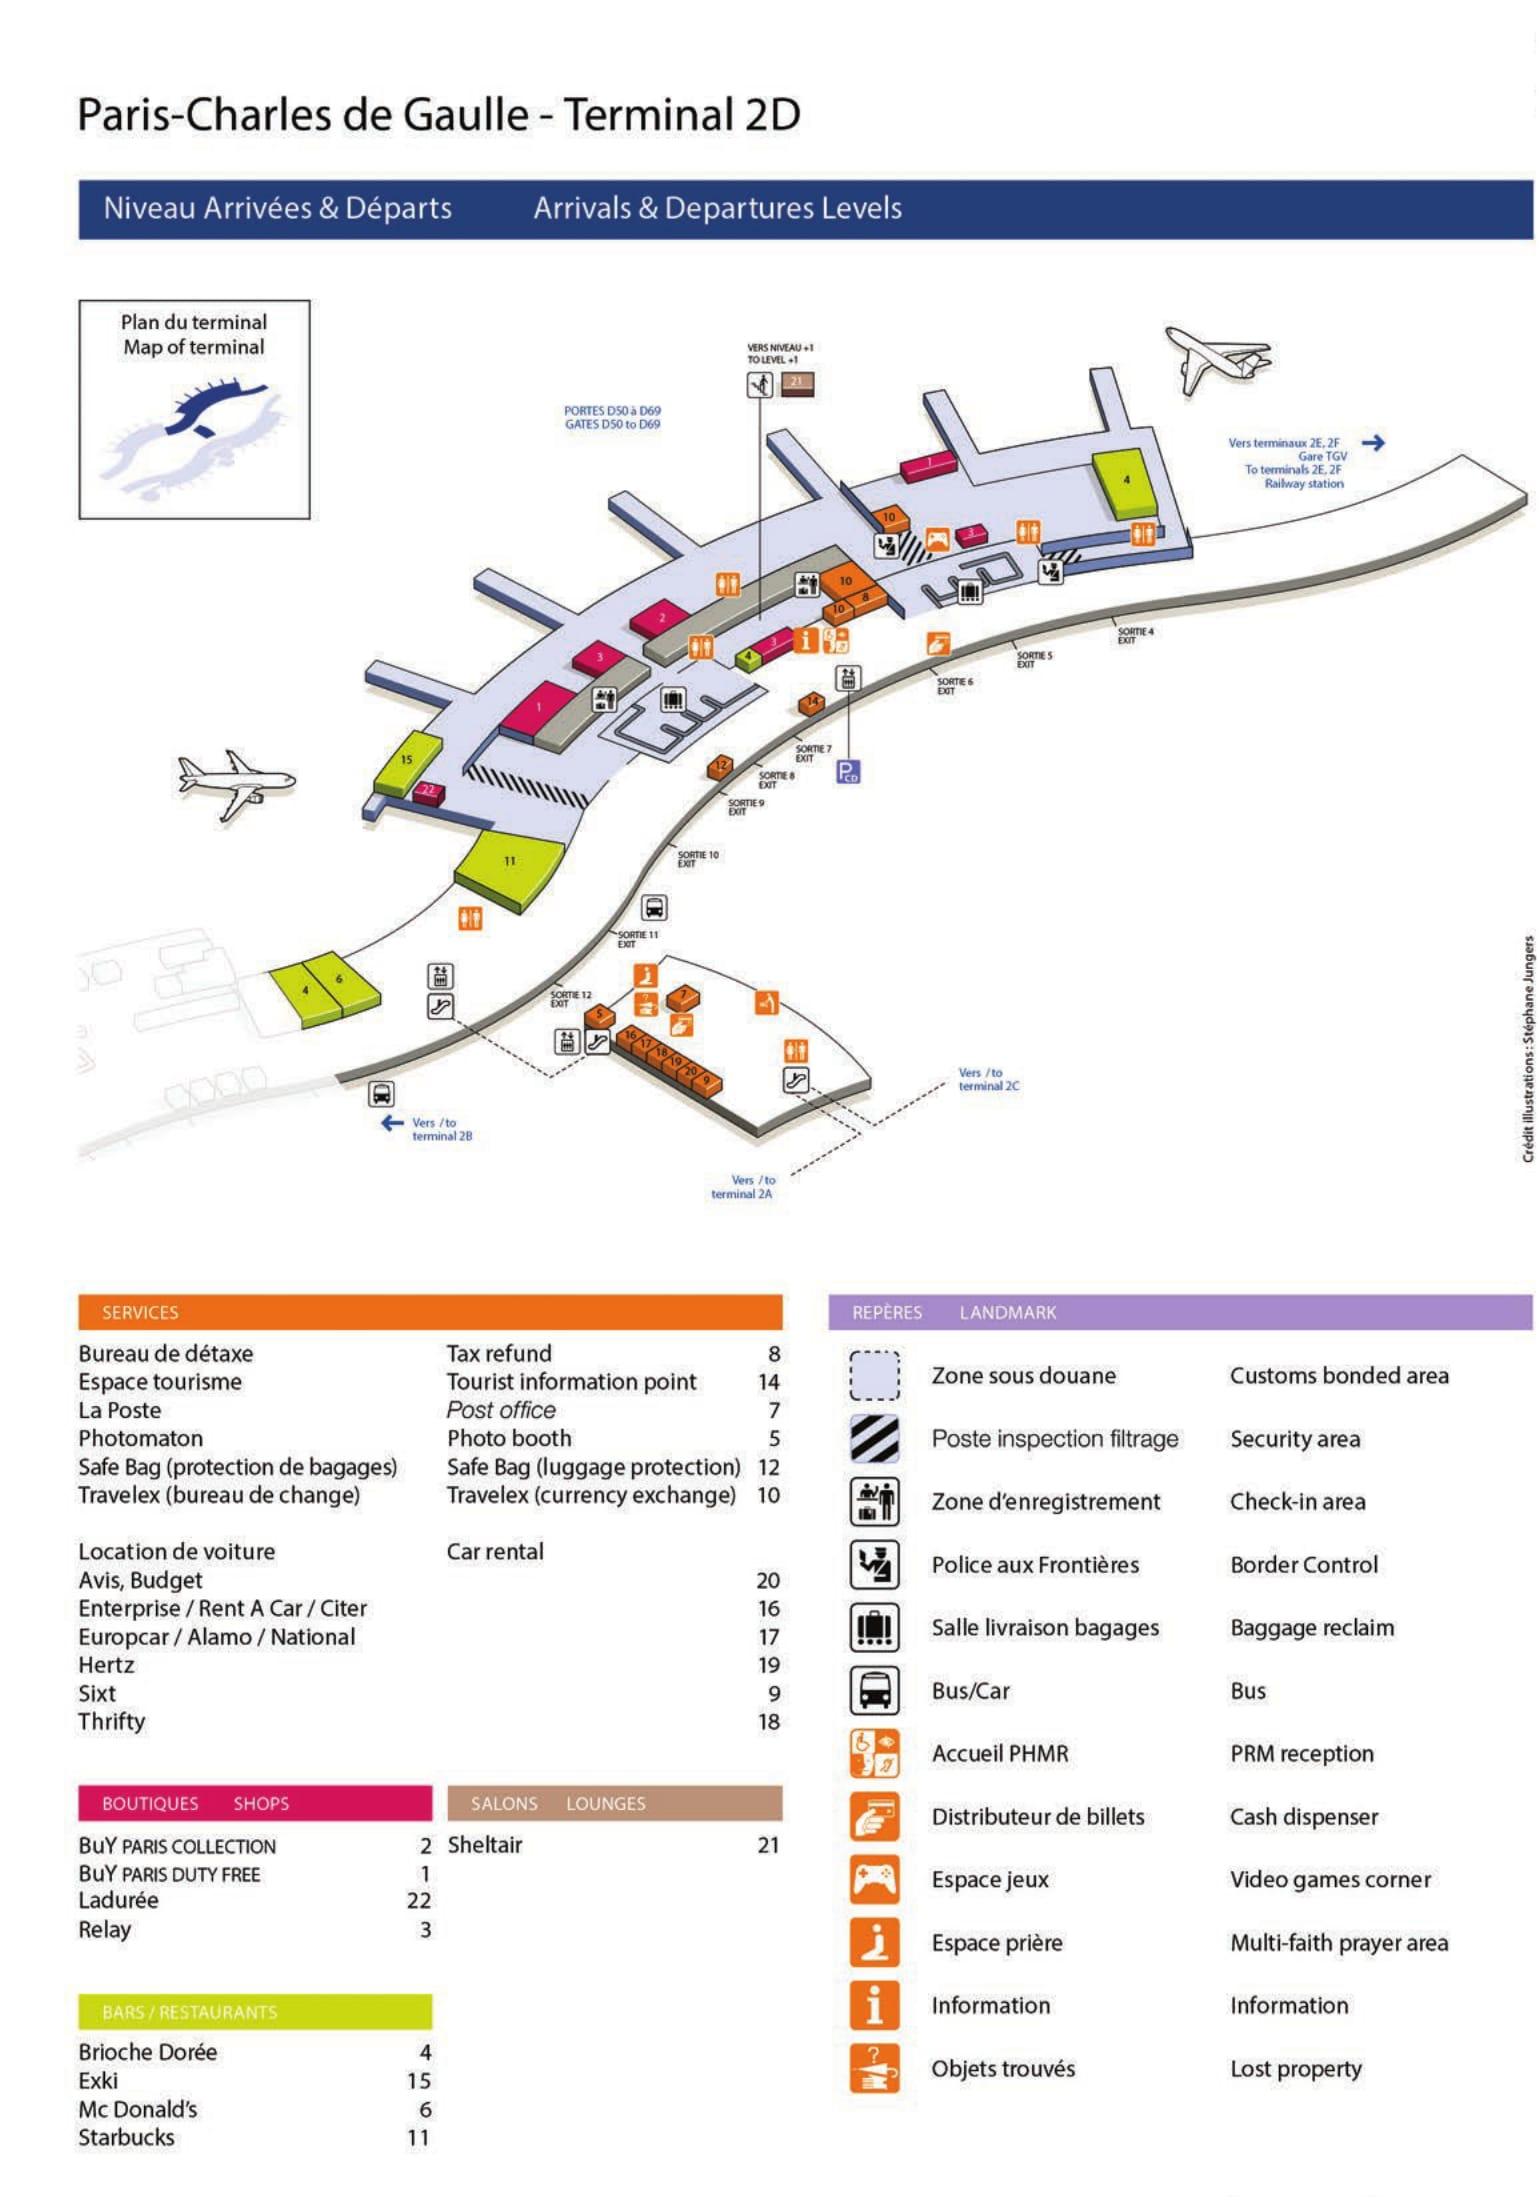 Mapa de la Terminal 2D del aeropuerto de Paris Charles de Gaulle